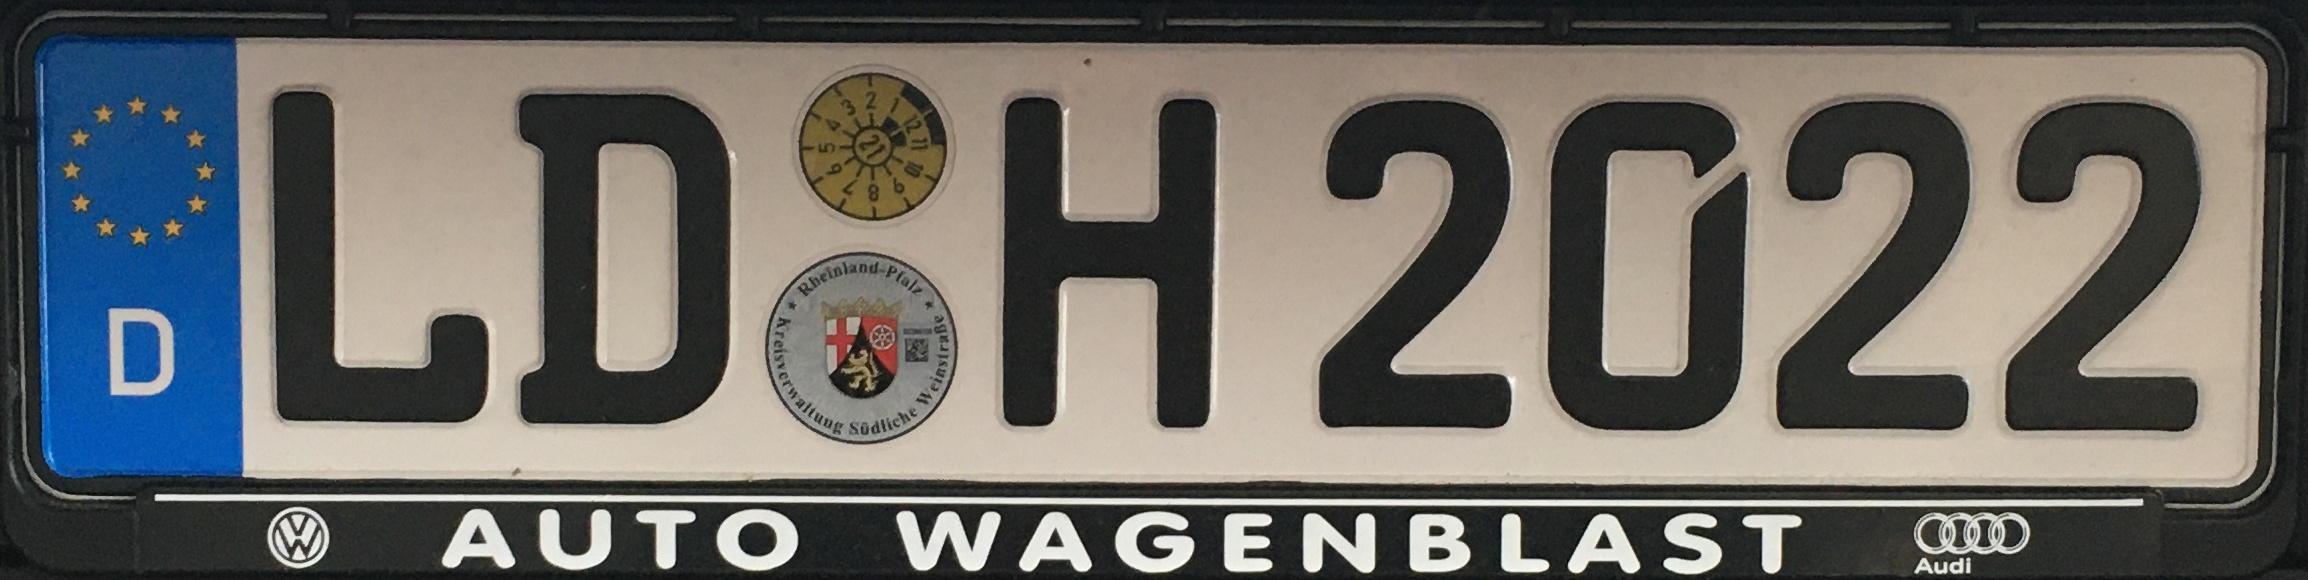 Registrační značky Německo - LD - Landau in der Pfalz, foto: www.podalnici.cz